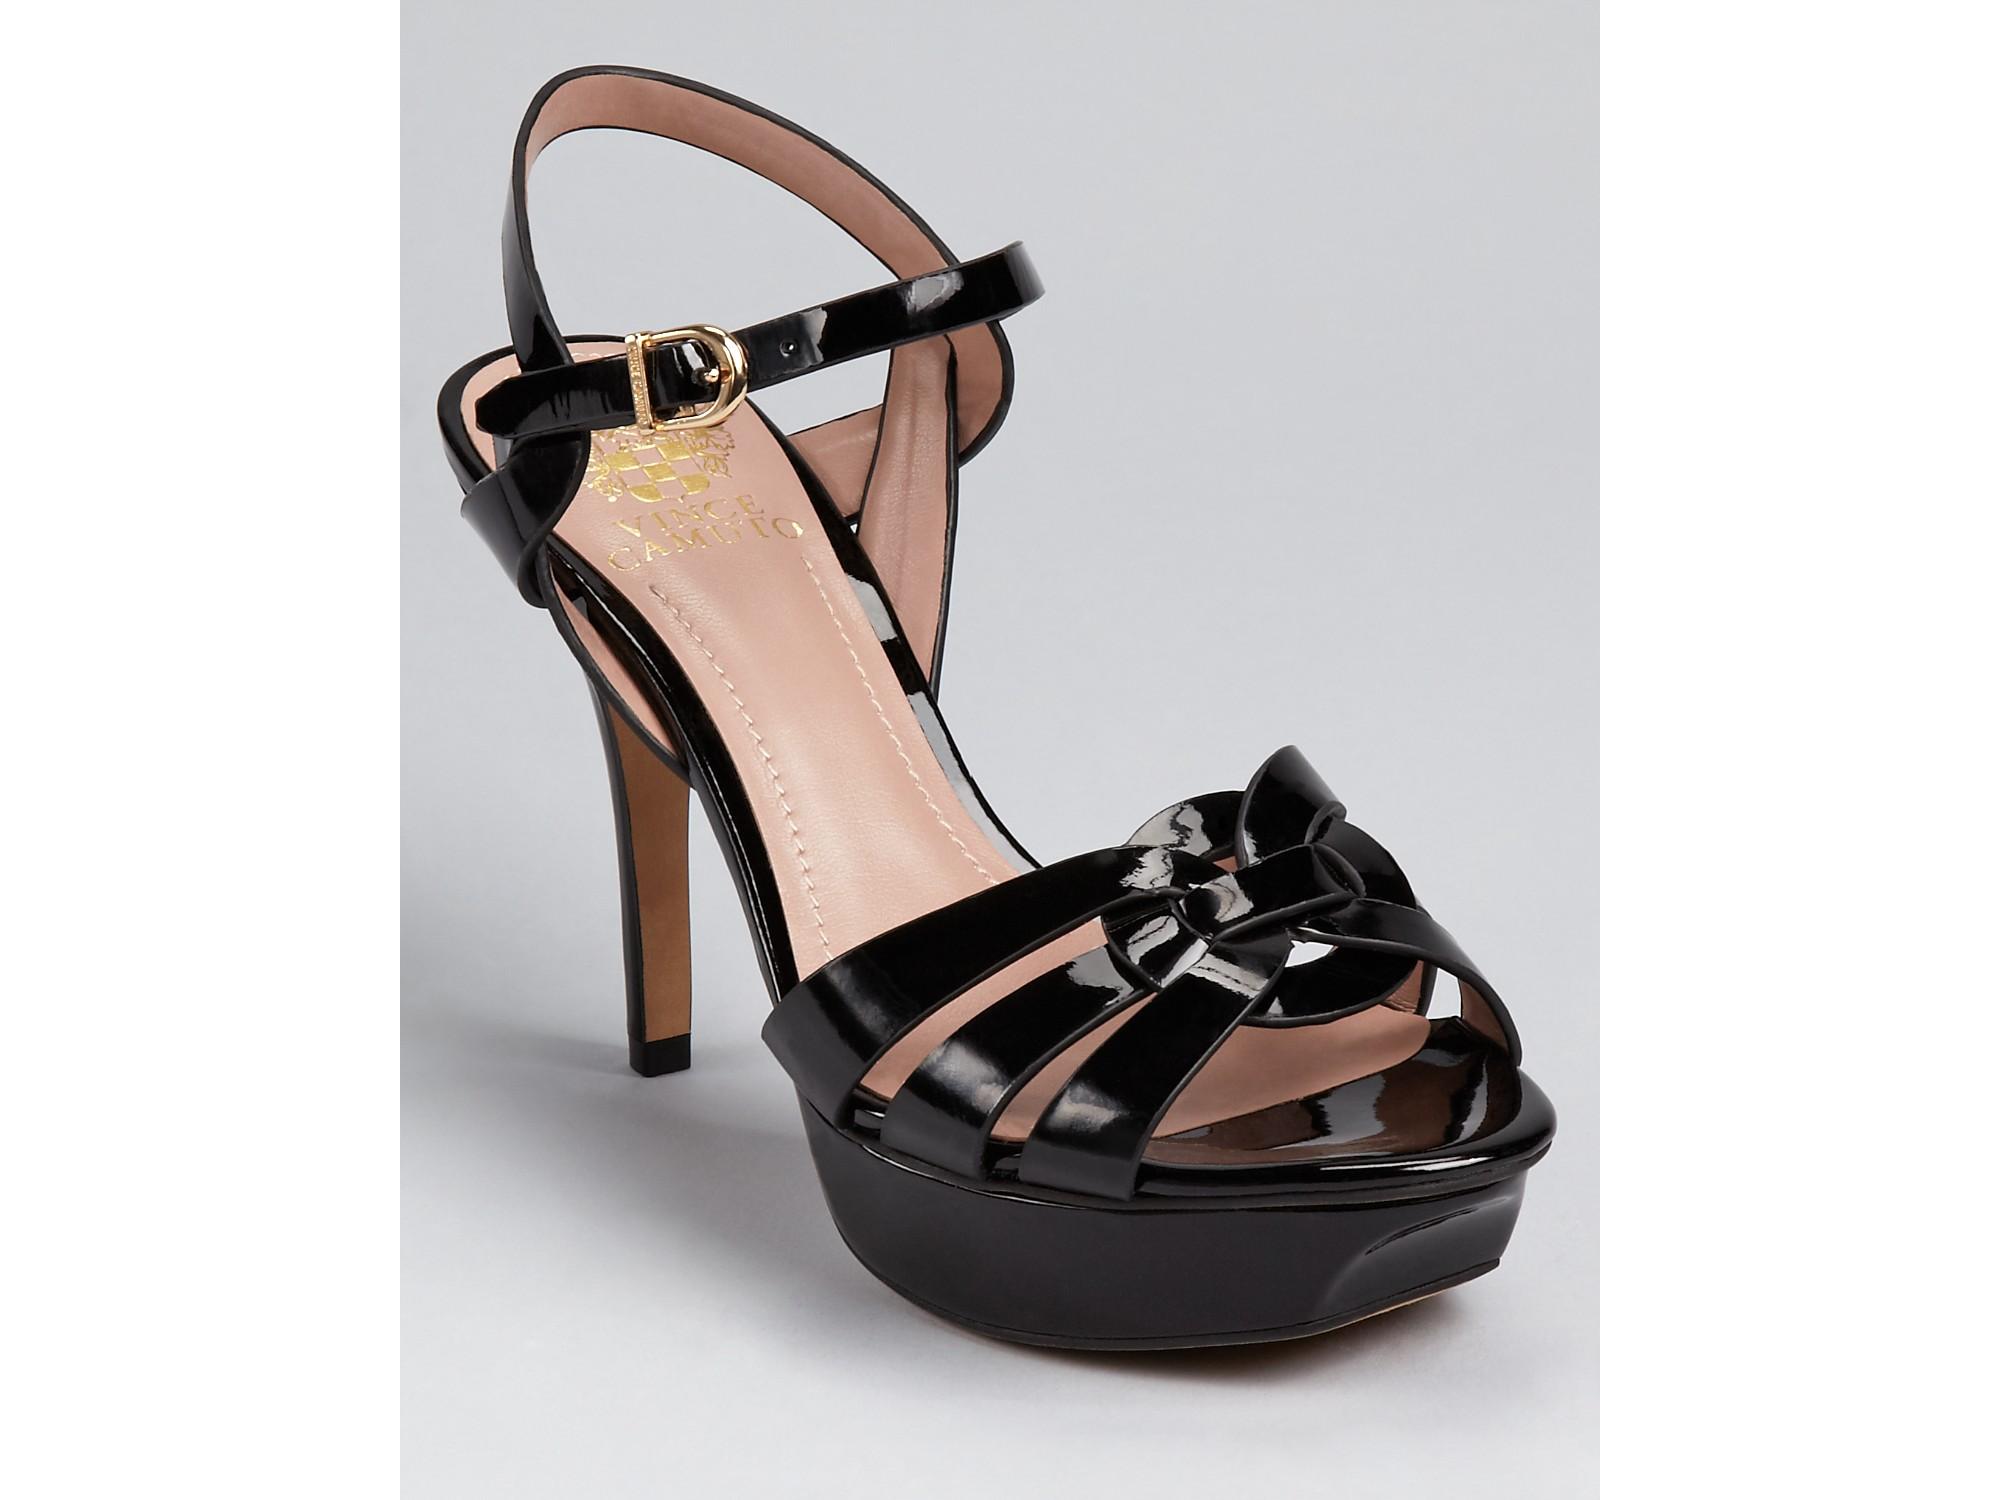 Vince Camuto Toleo Platform Sandals In Black Patent Black